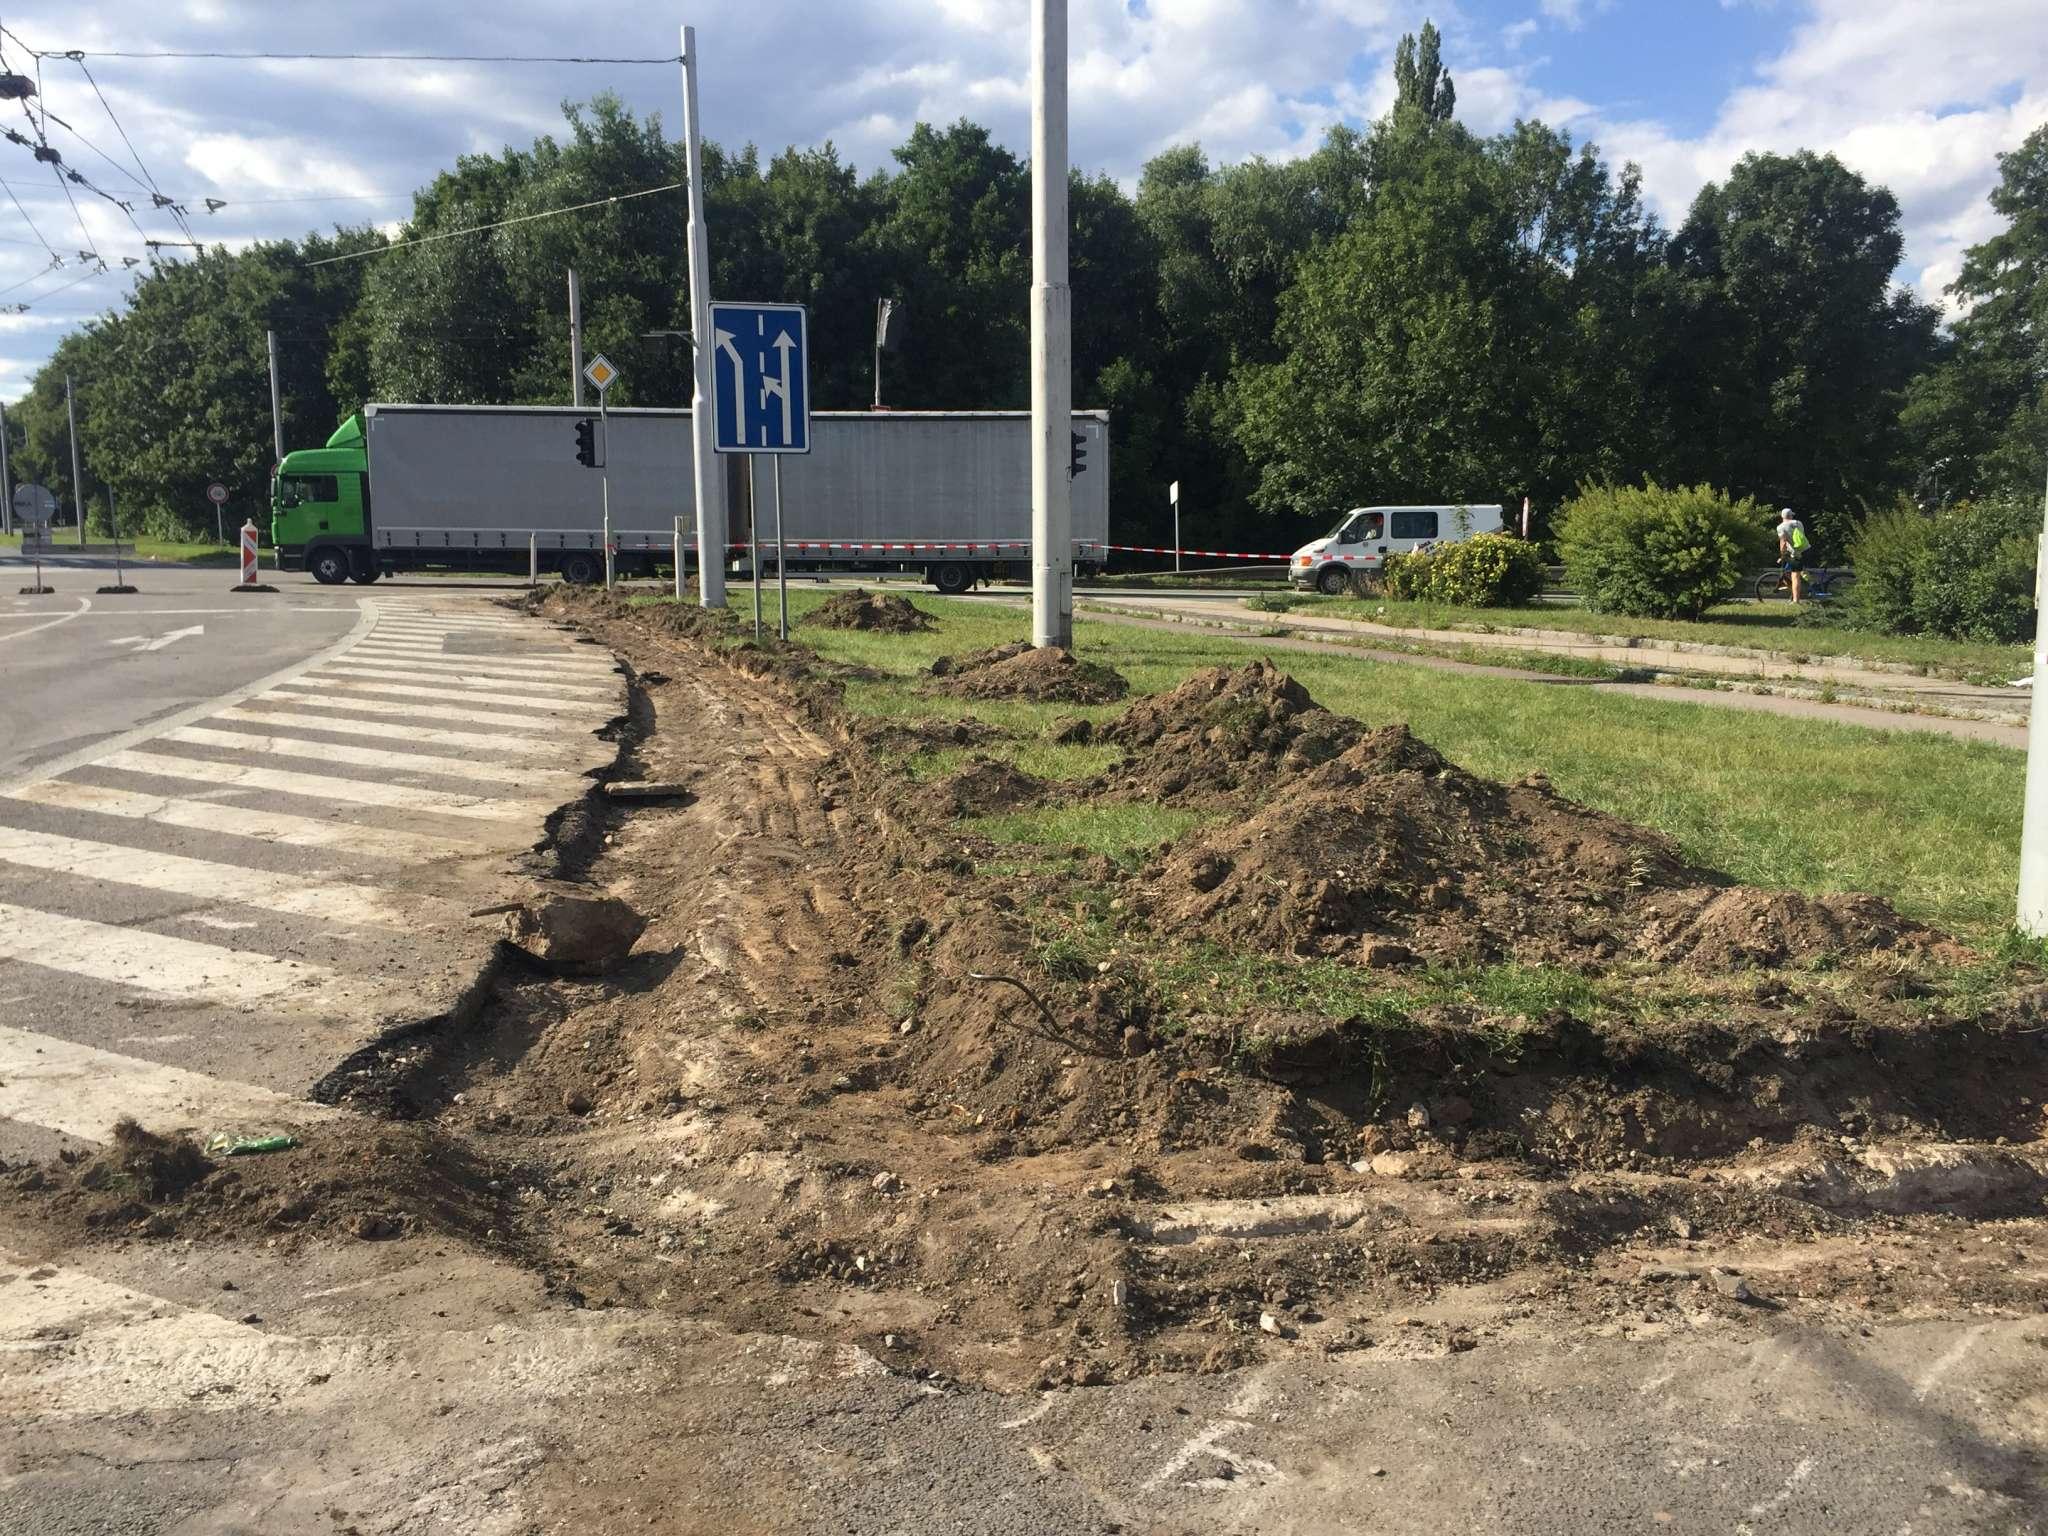 Oprava okružní křižovatky Brněnská - pondělí 2. července 2018